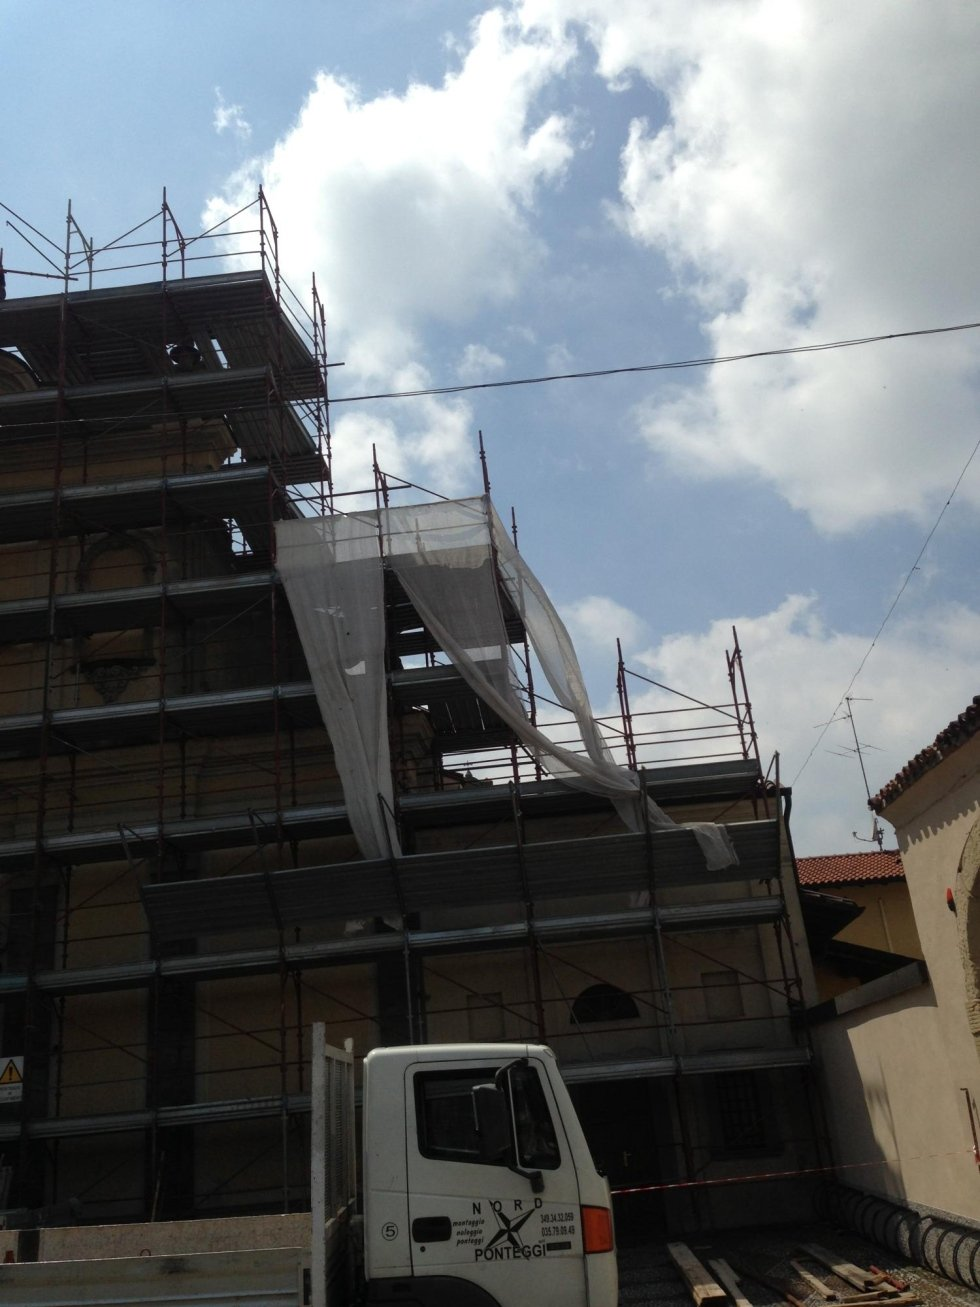 Nord Ponteggi - Restauro chiese